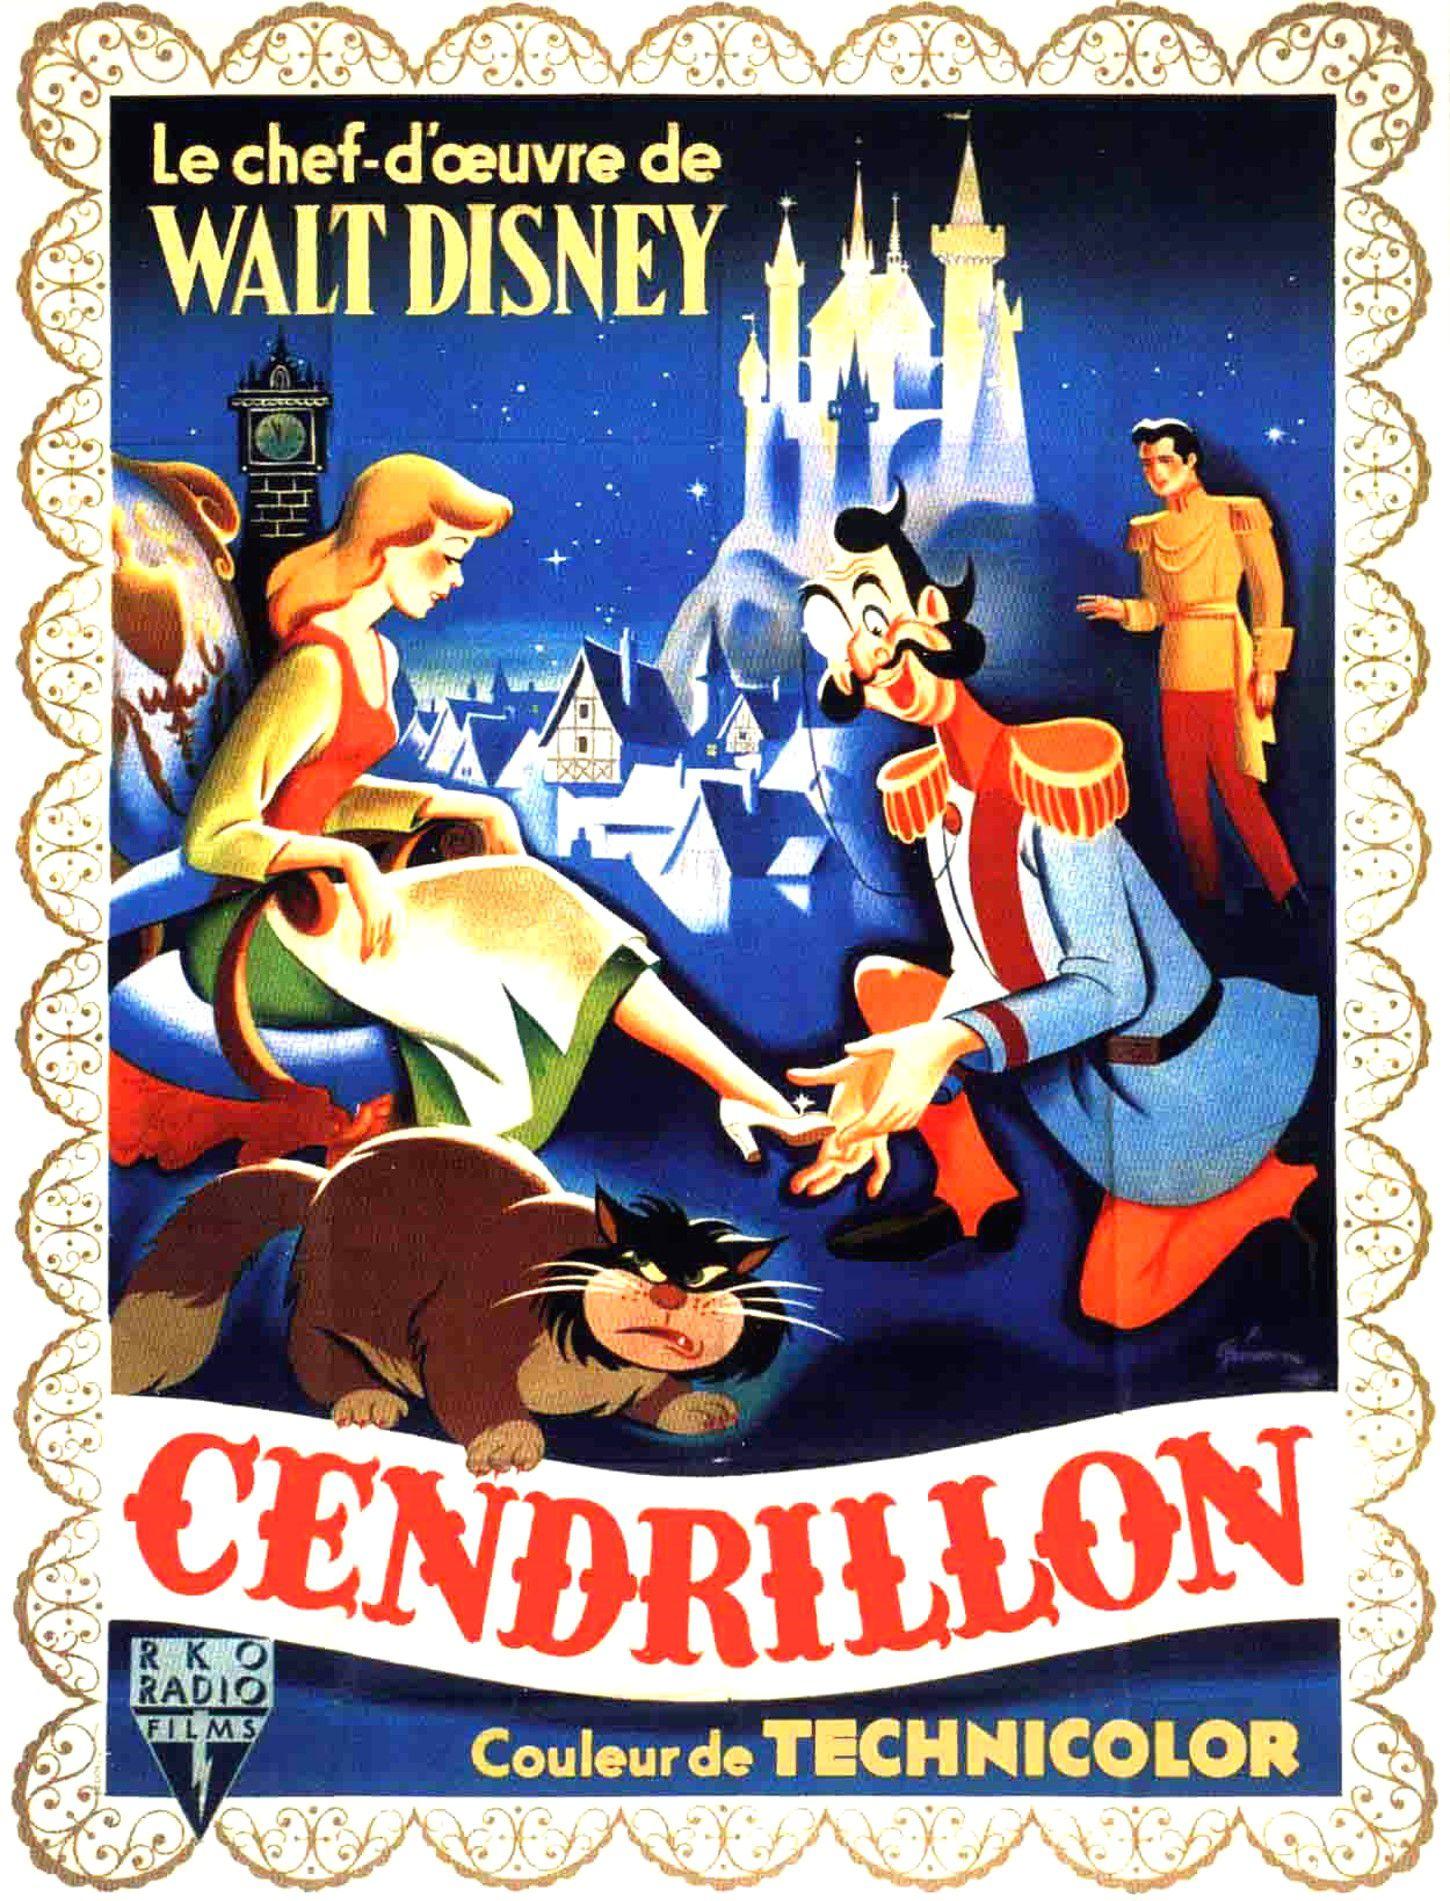 Cendrillon (film, 1950)